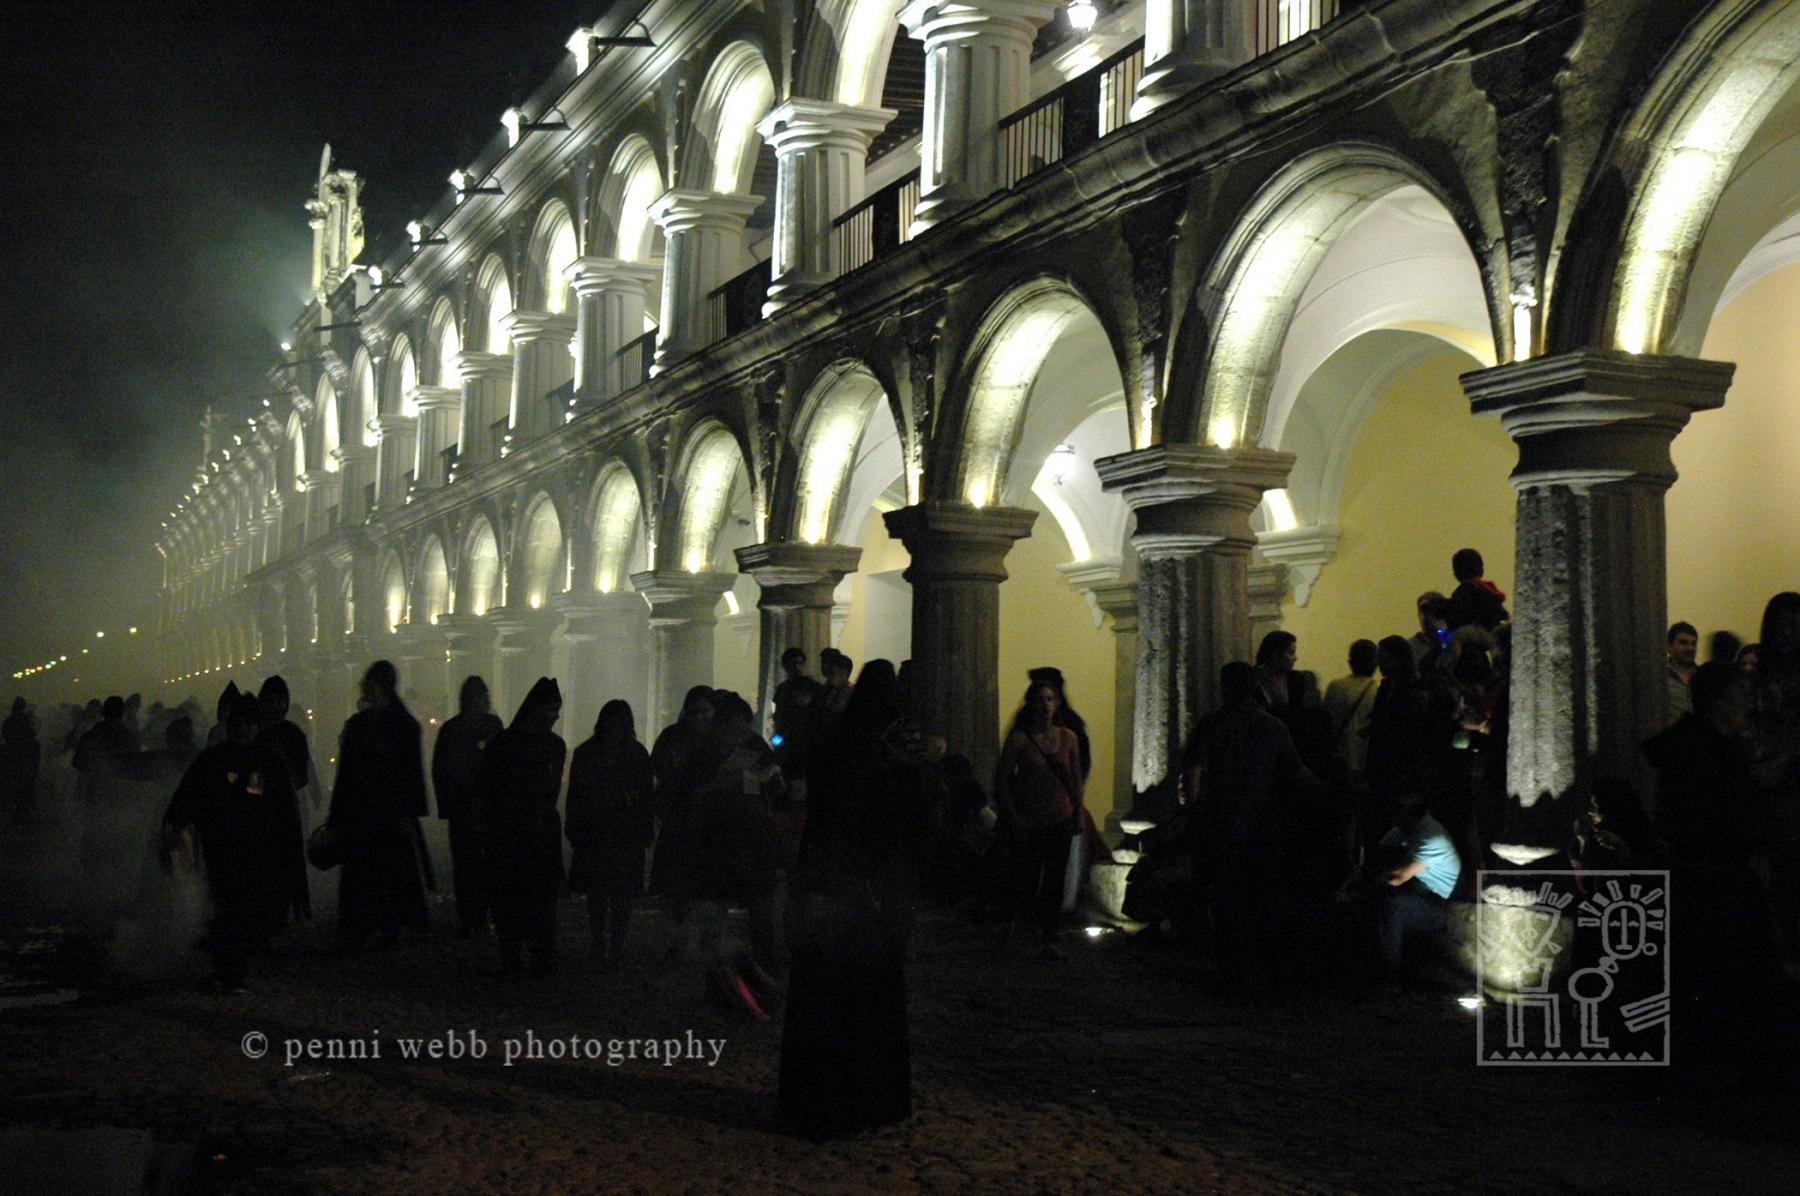 Night plaza